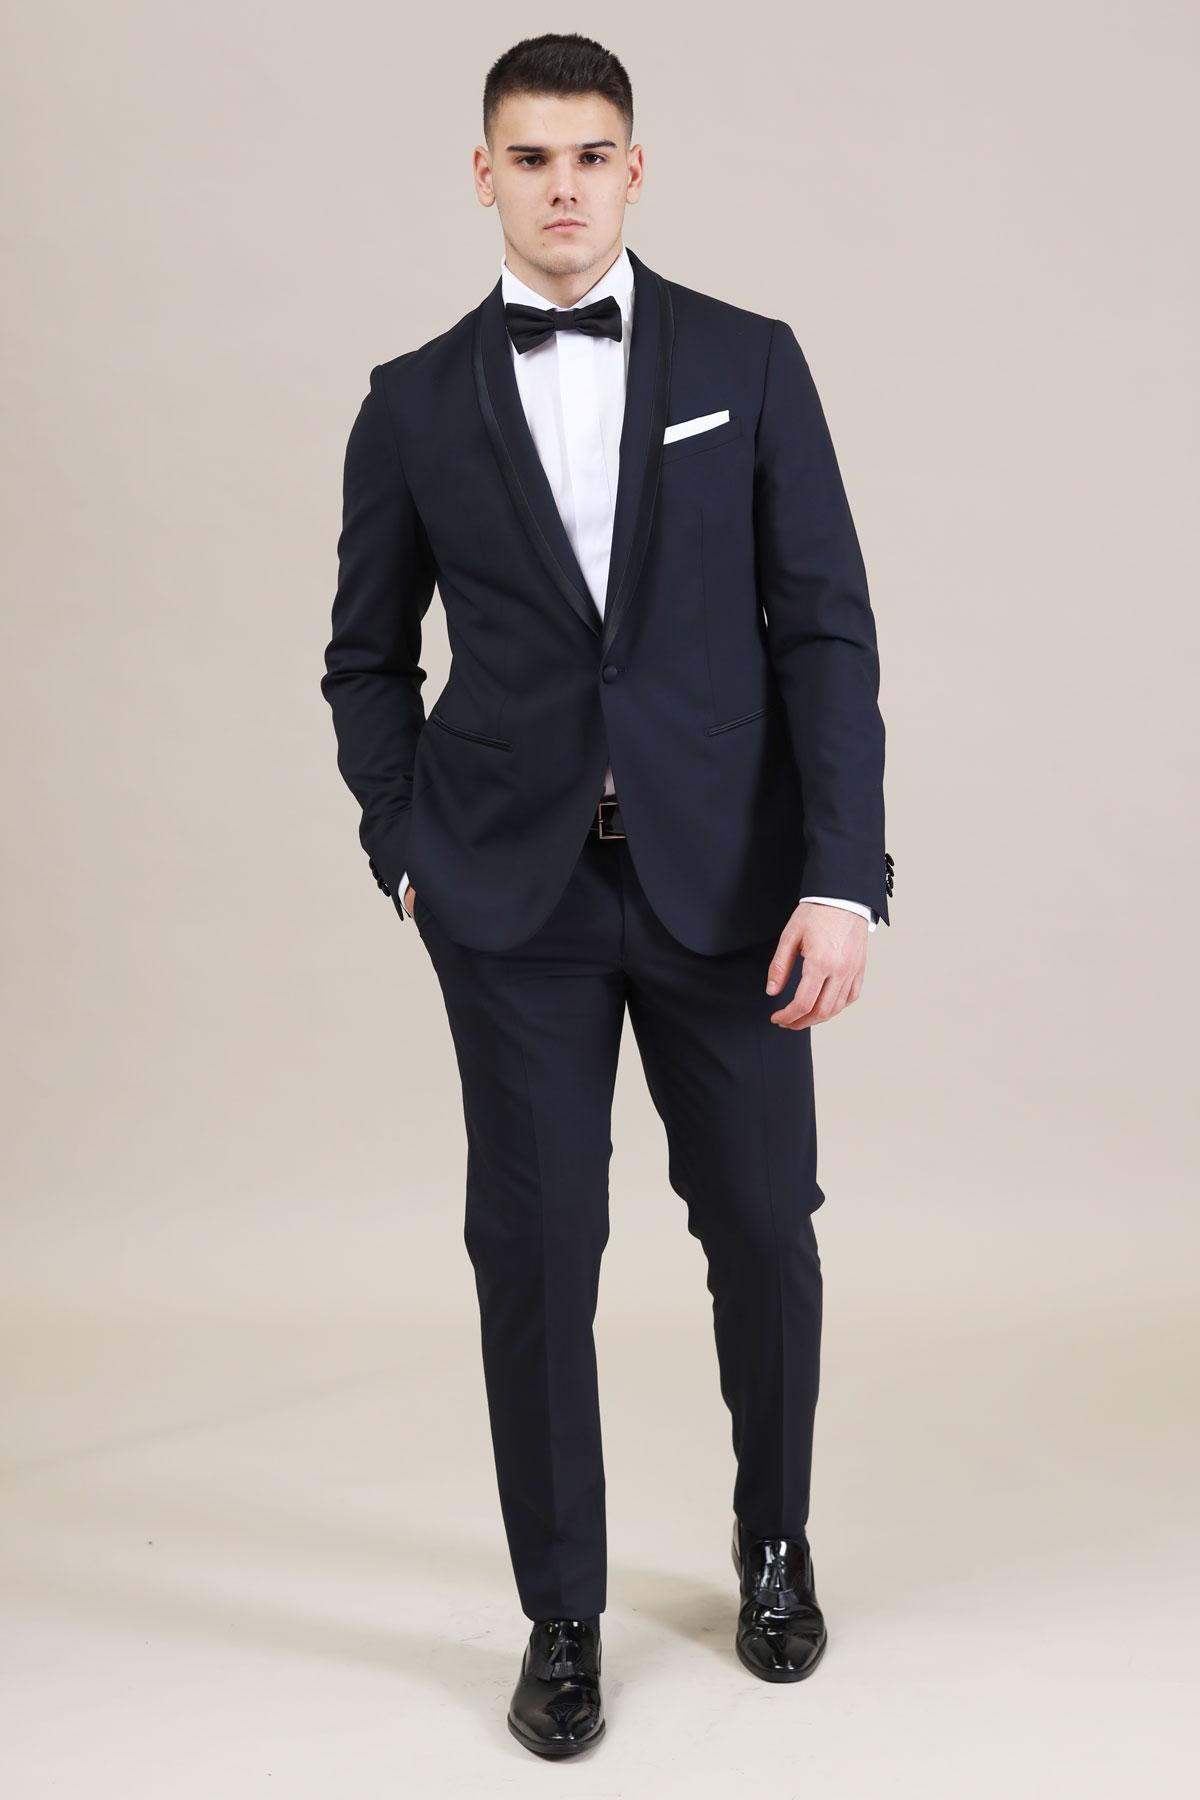 костюм за сватба в черен цвят 2021